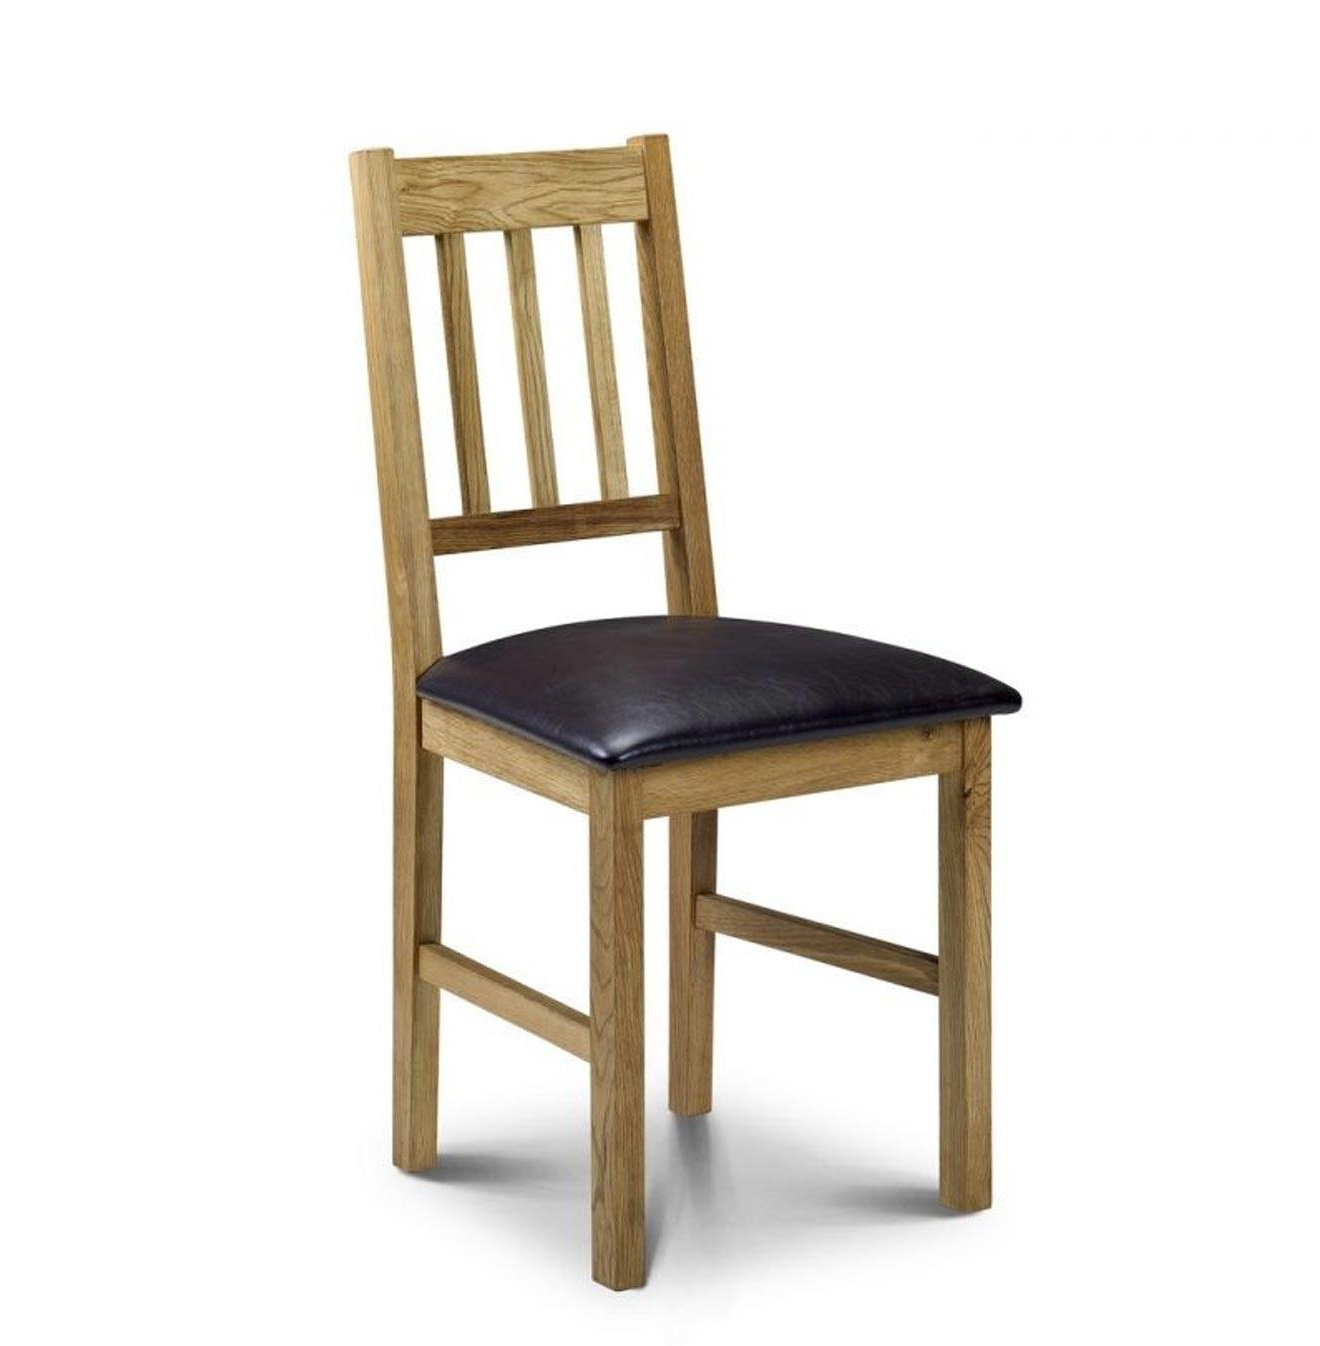 ghế ăn gỗ sồi mỹ mặt nệm